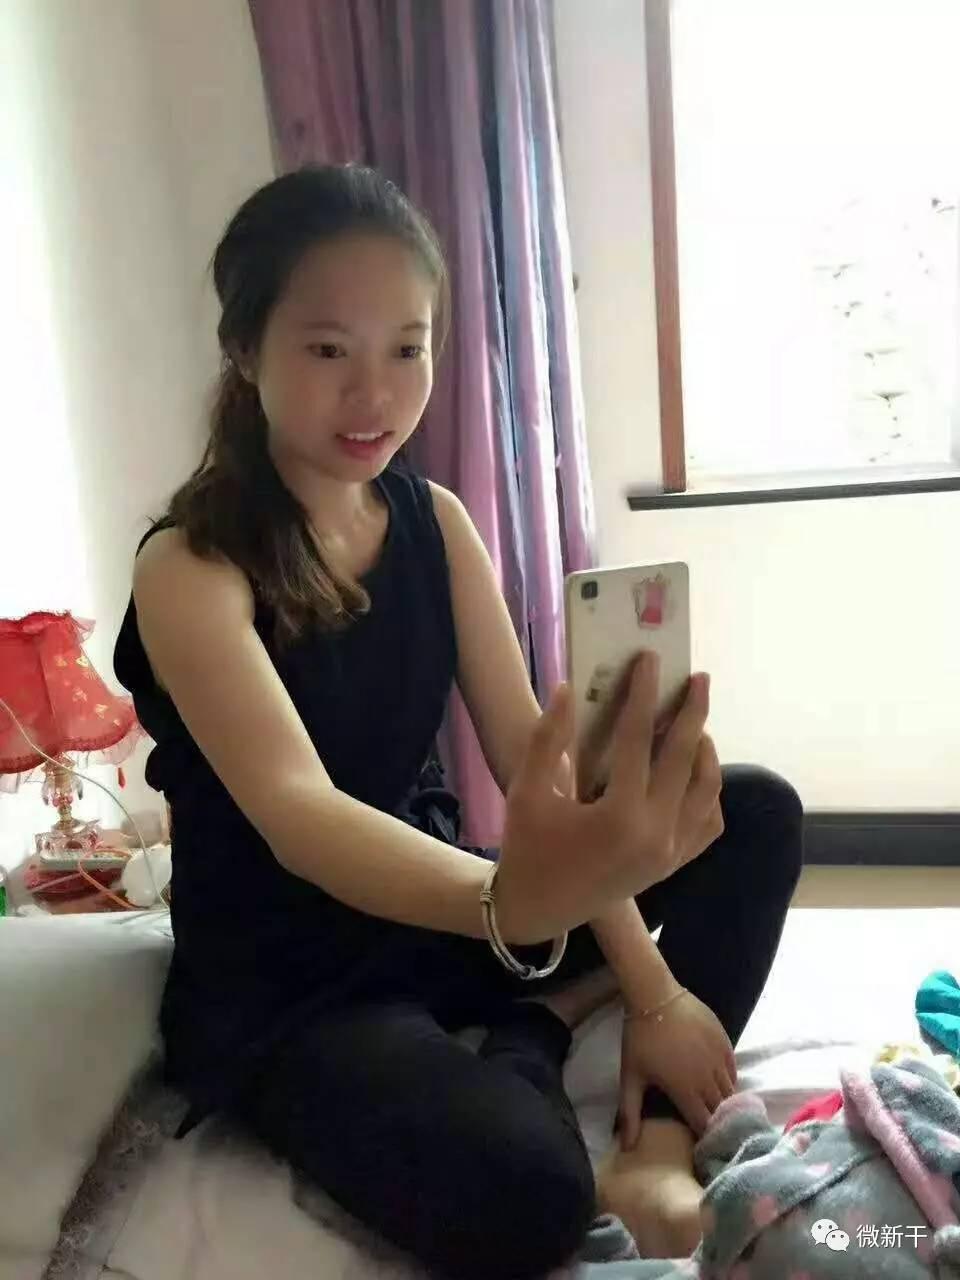 关注 广丰一父亲癌症逝世,一张红字条牵出23岁养女身世